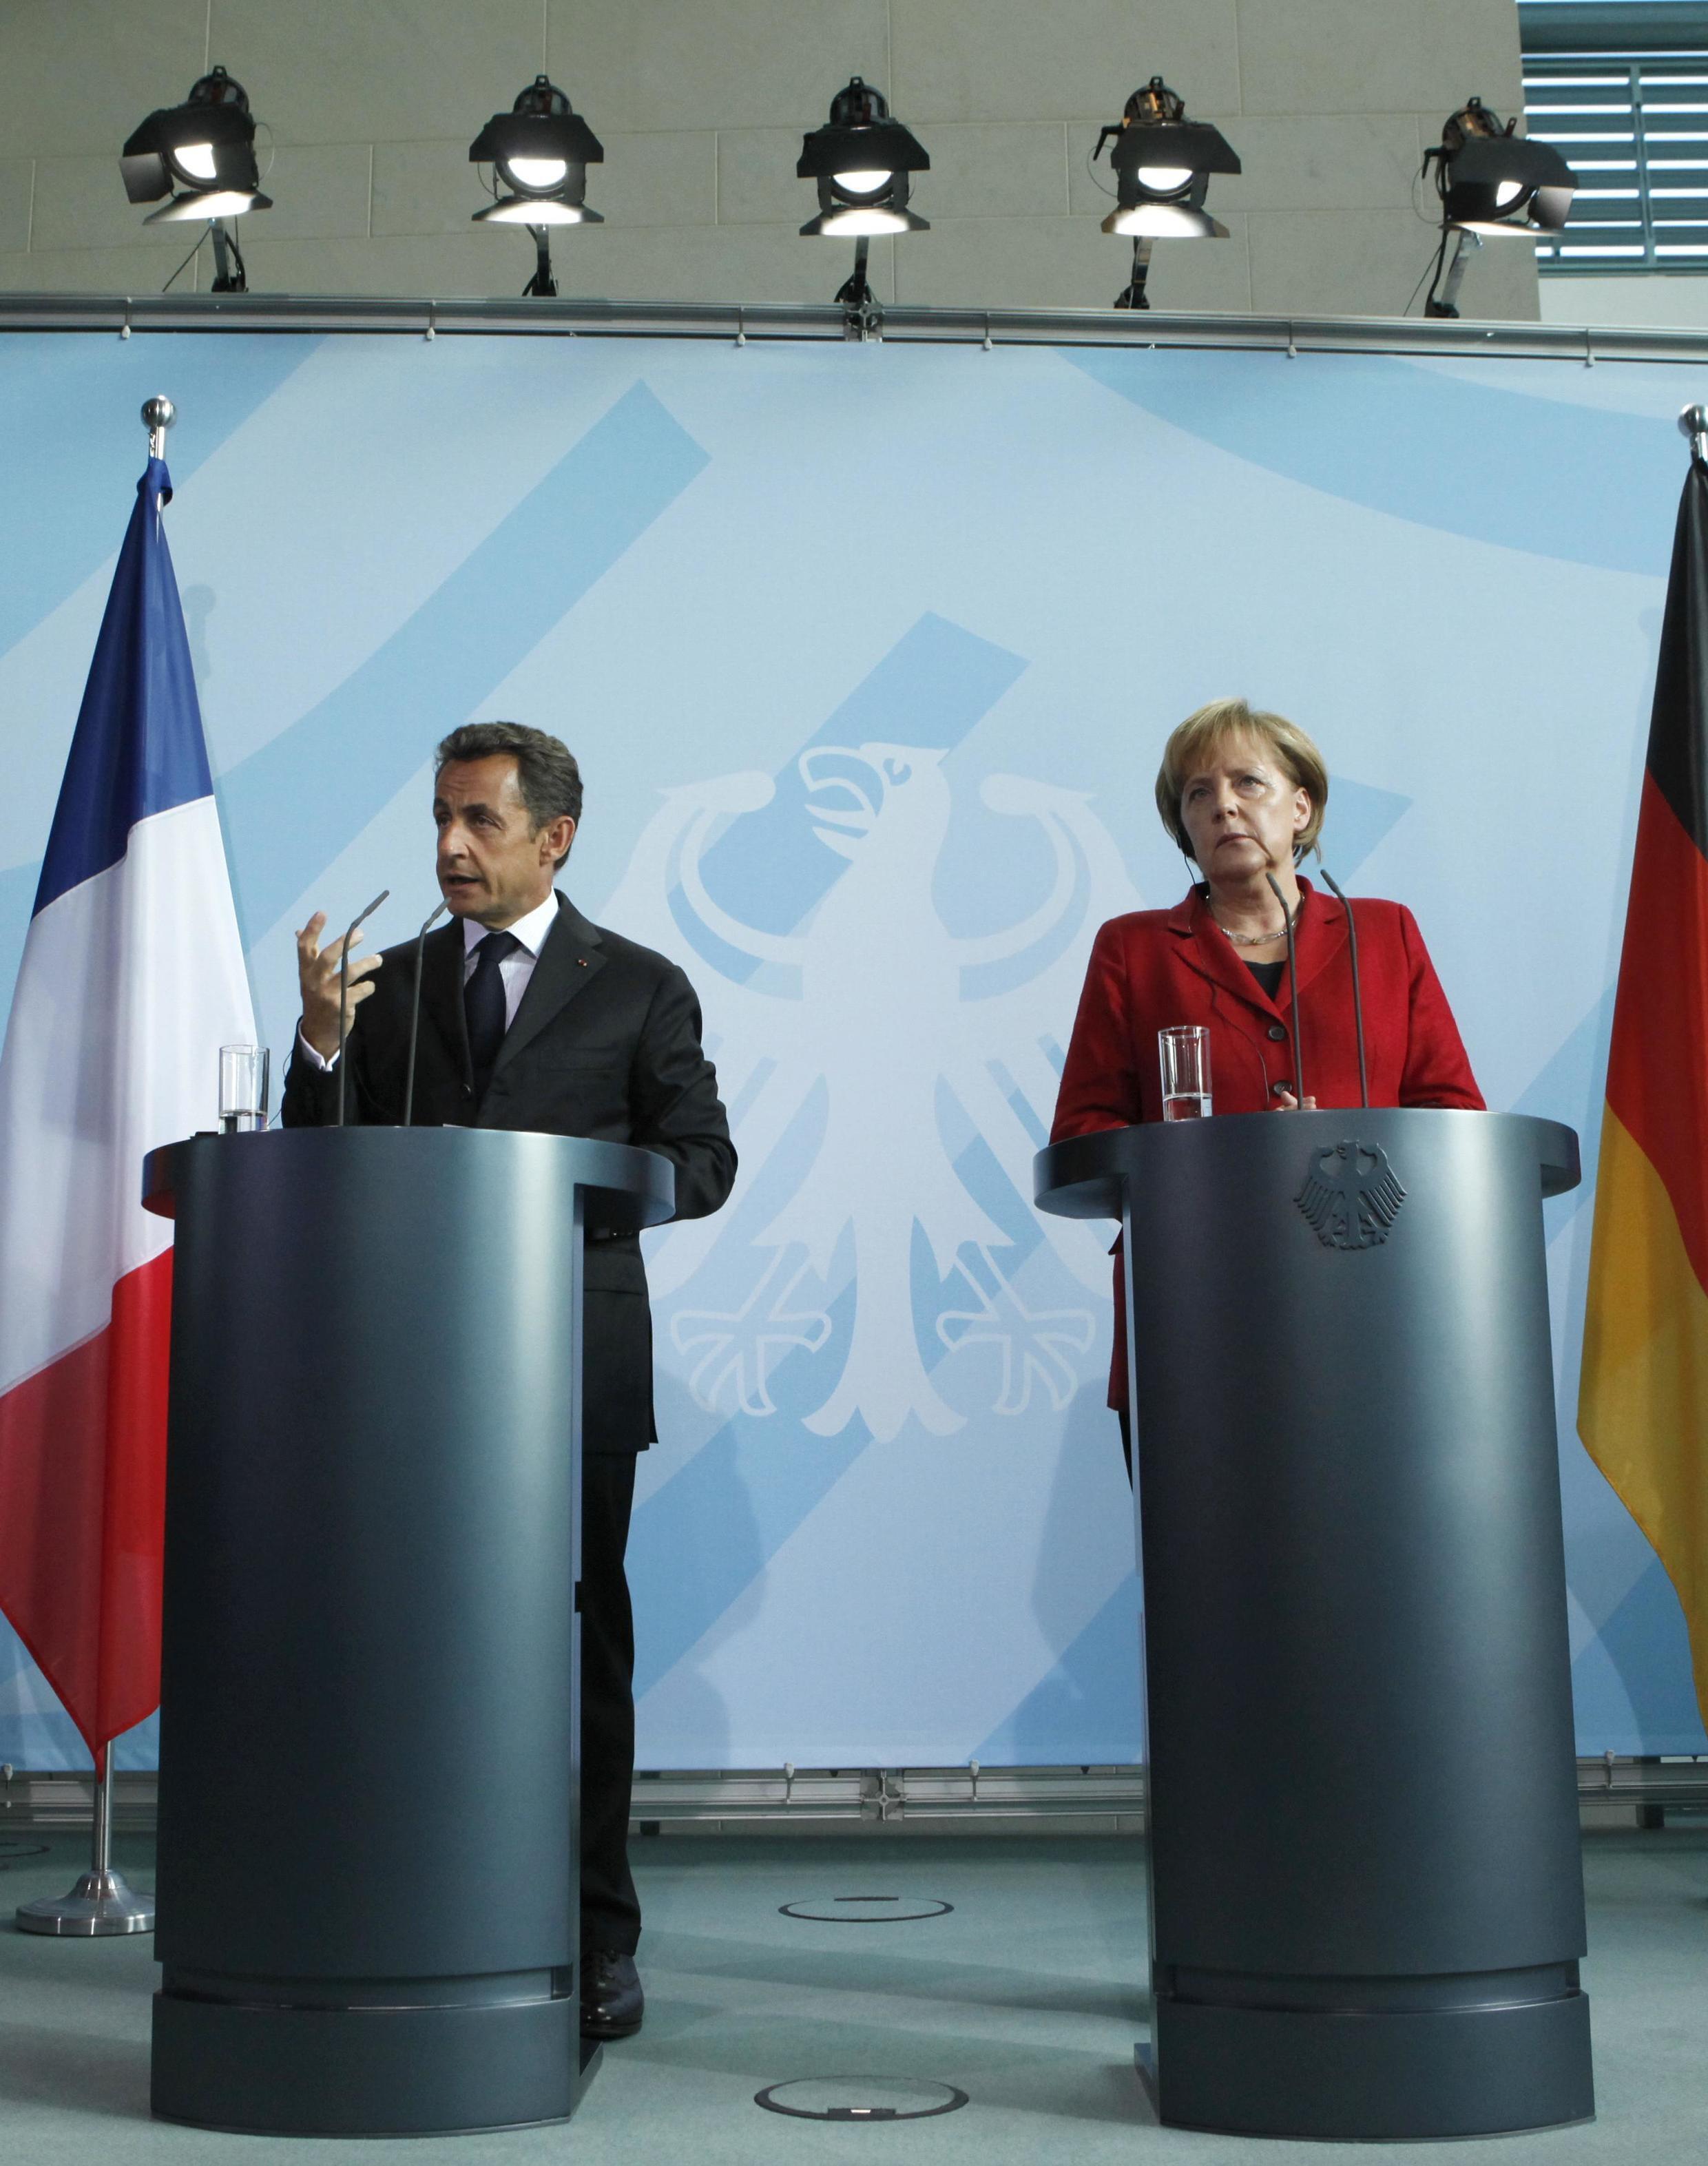 Н.Саркози и А.Меркель на встрече в Берлине 14 июня 2010 г.